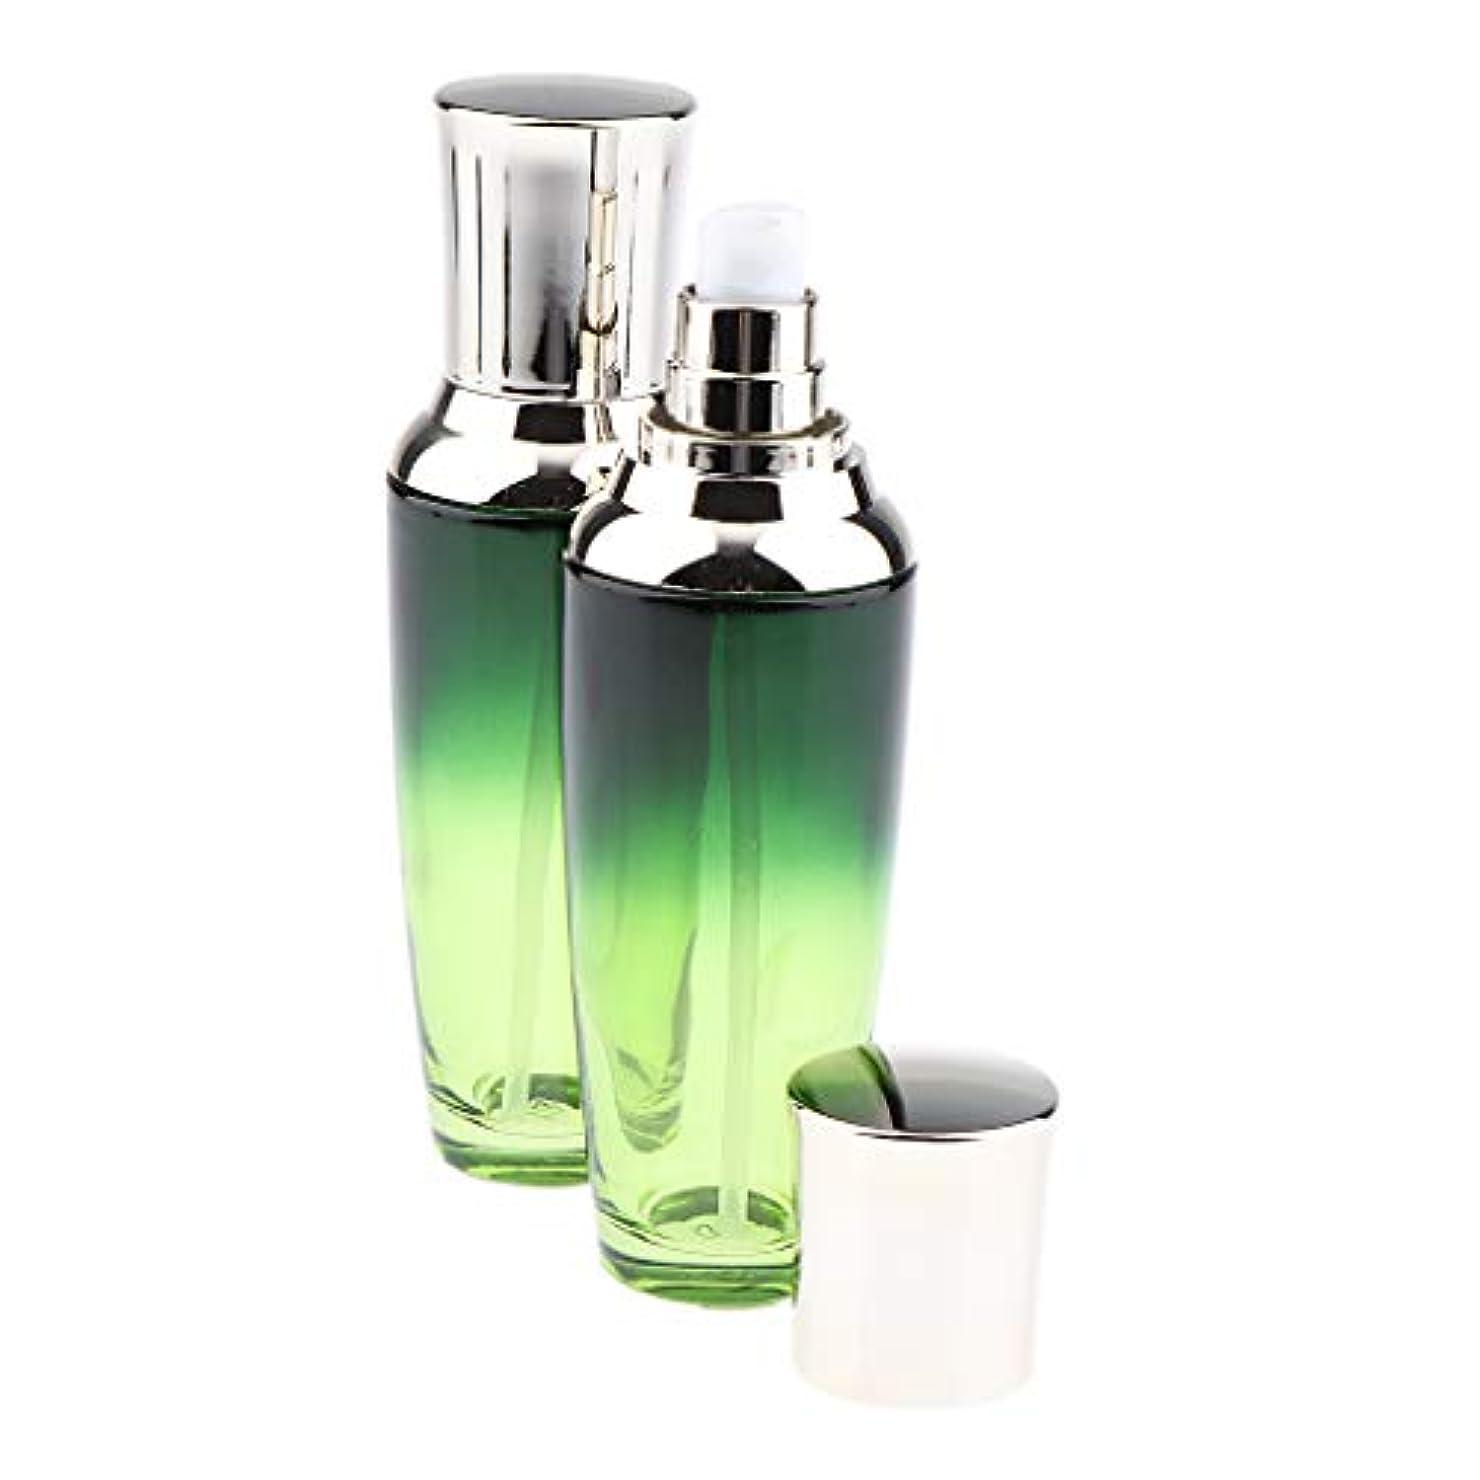 親愛な債務者絶壁SM SunniMix 全3サイズ 小分け容器 詰め替 ポンプボトル ガラスボトル 化粧品容器 ガラス製 2個入り - 100ミリリットル